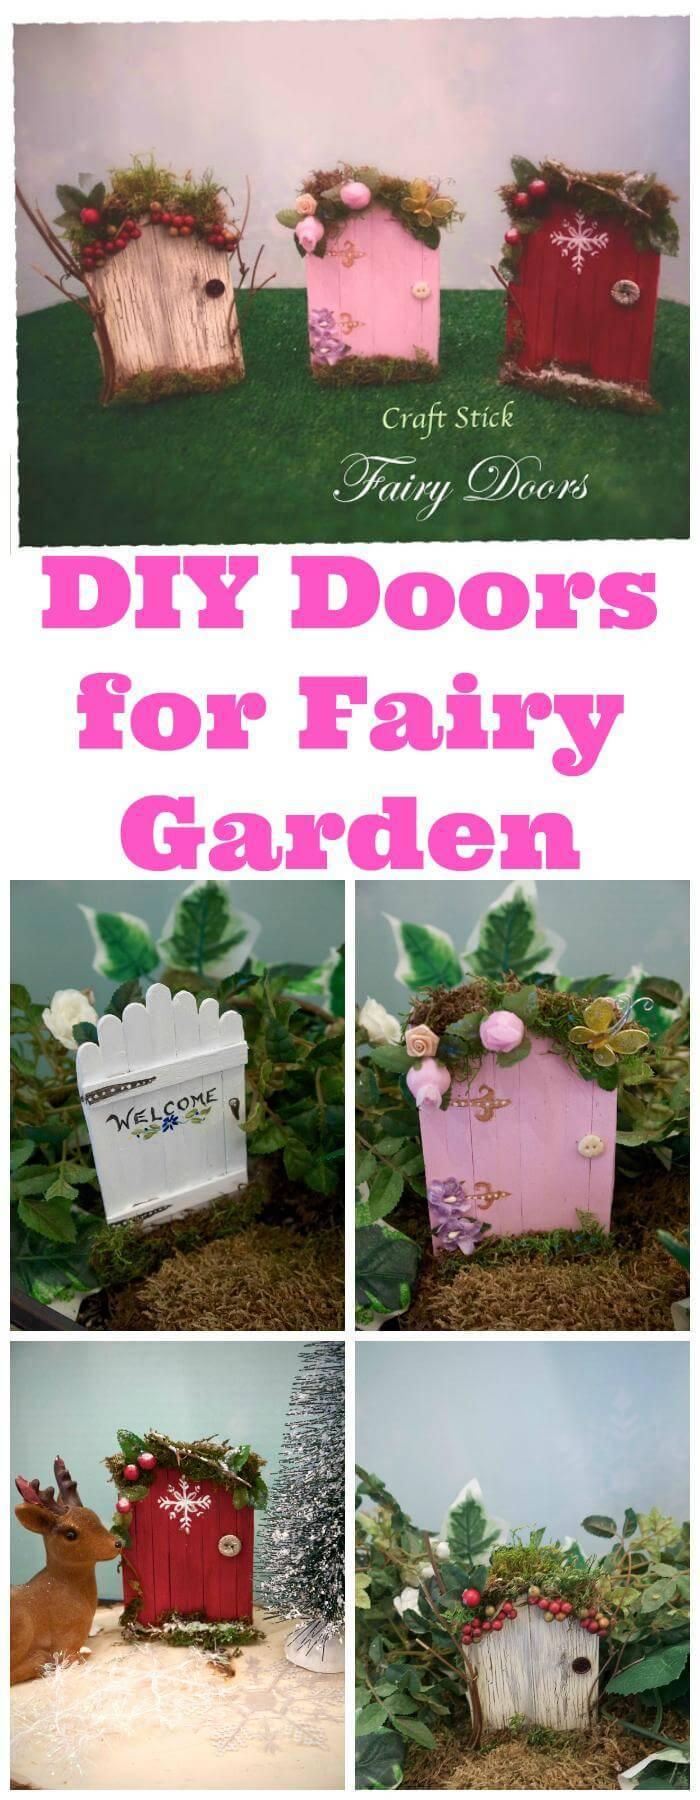 DIY Doors for Fairy Garden